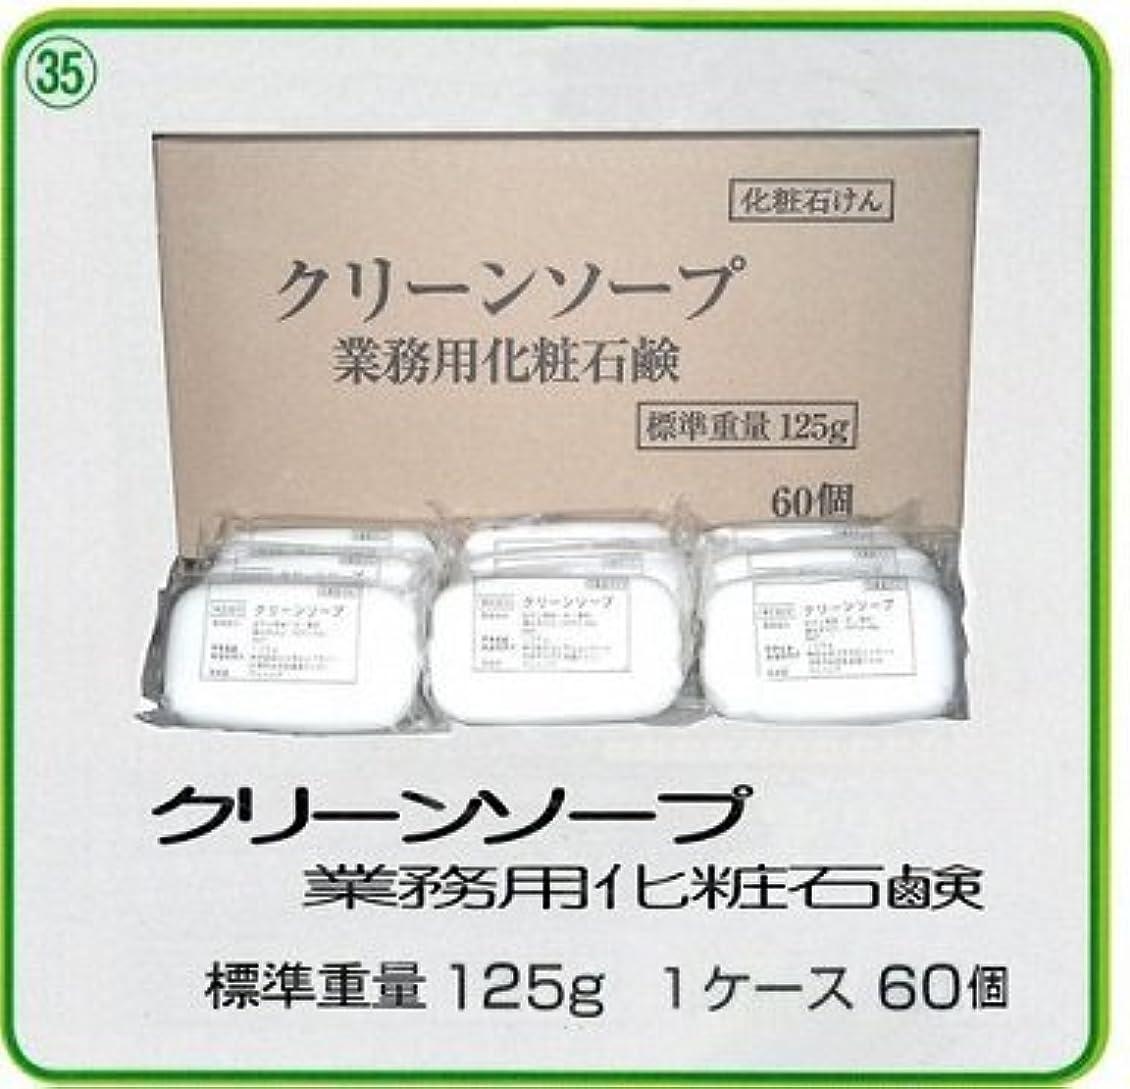 疑わしい緊張するうれしい業務用化粧石鹸 クリーンソープ1個125g/1箱60個入(品番7014)富士化成